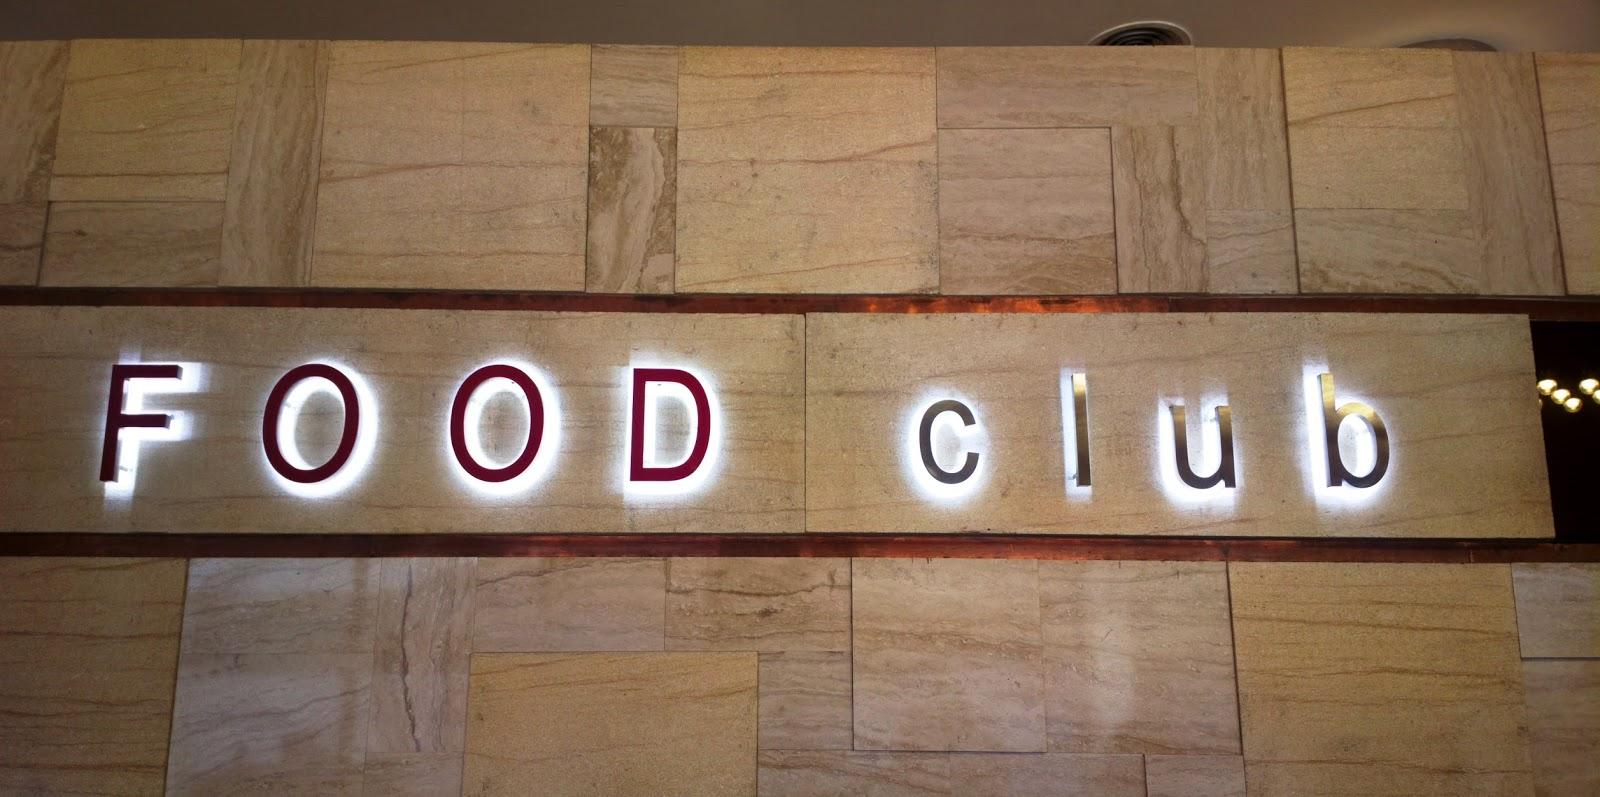 food club manila